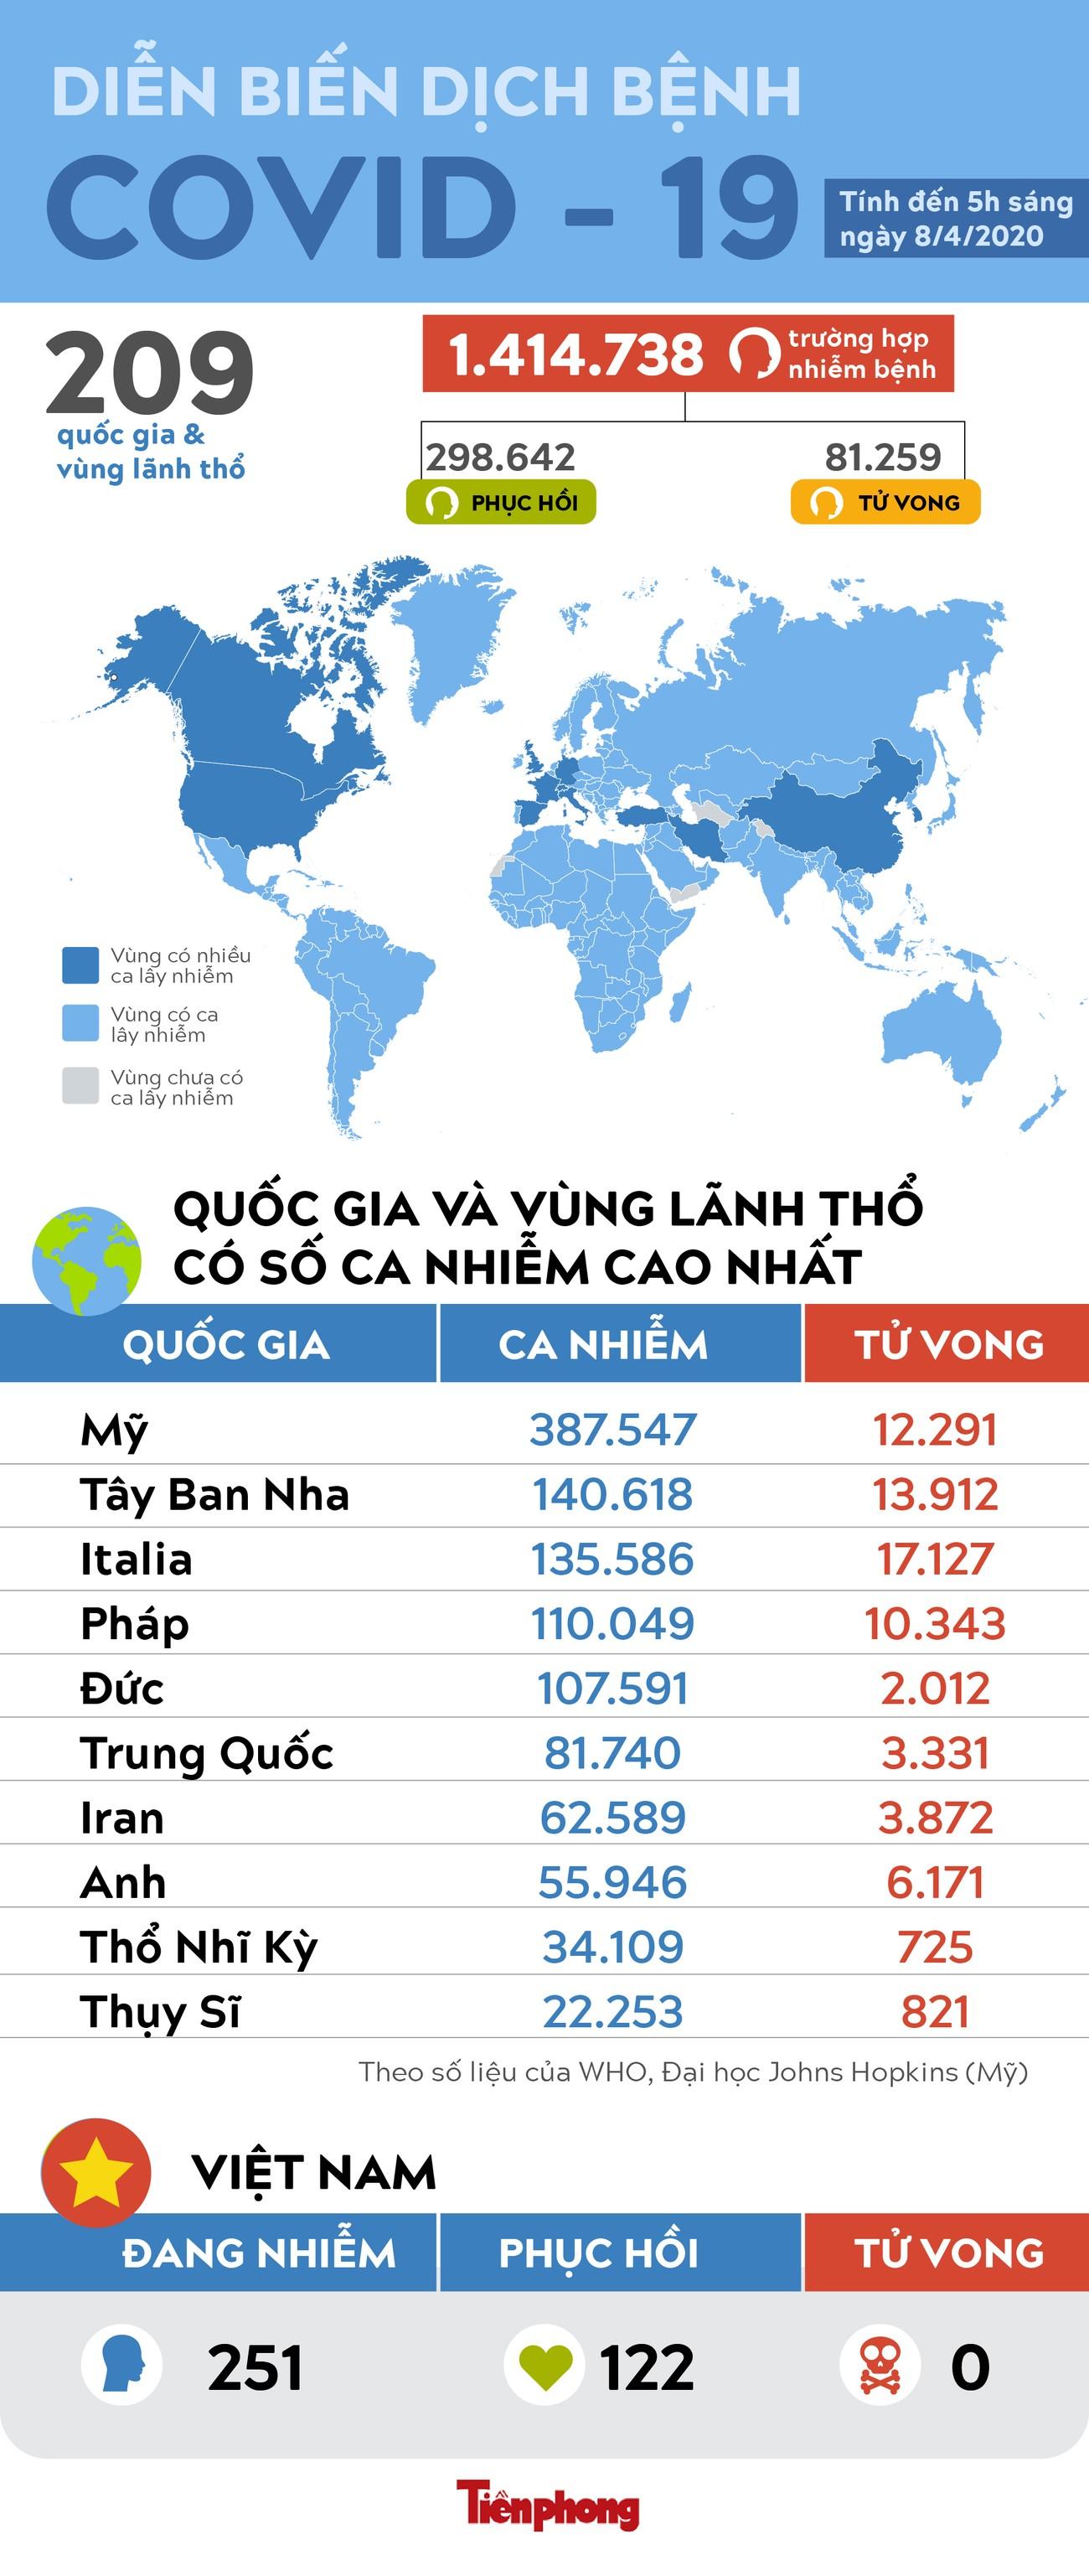 Hơn 81.000 người chết do COVID -19 toàn cầu ảnh 1